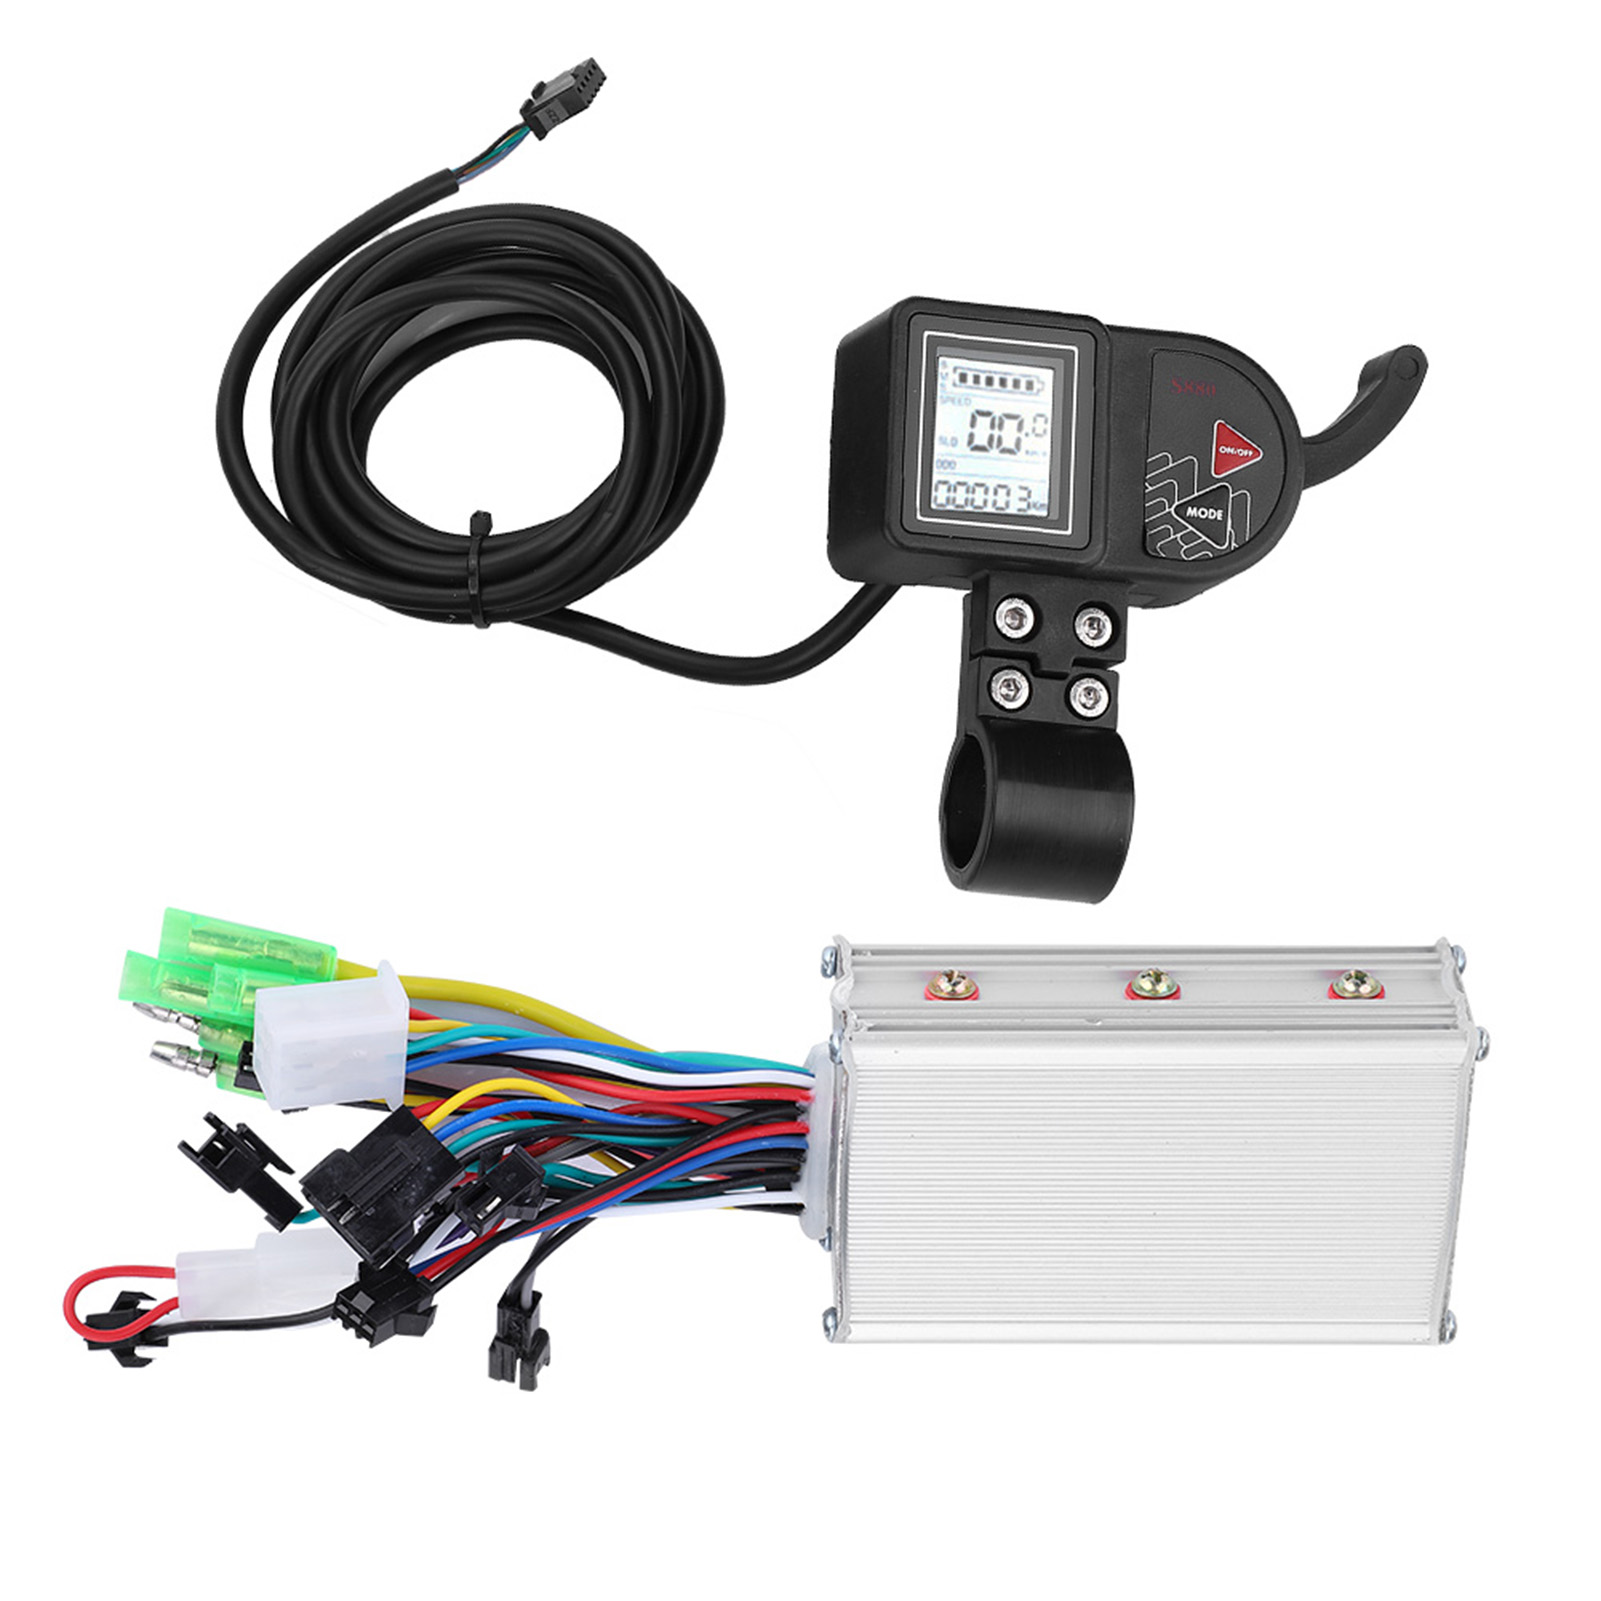 24-60V-Brushless-Motor-Controller-LCD-Panel-for-E-bike-Electric-Bike-Scooter-Kit thumbnail 32